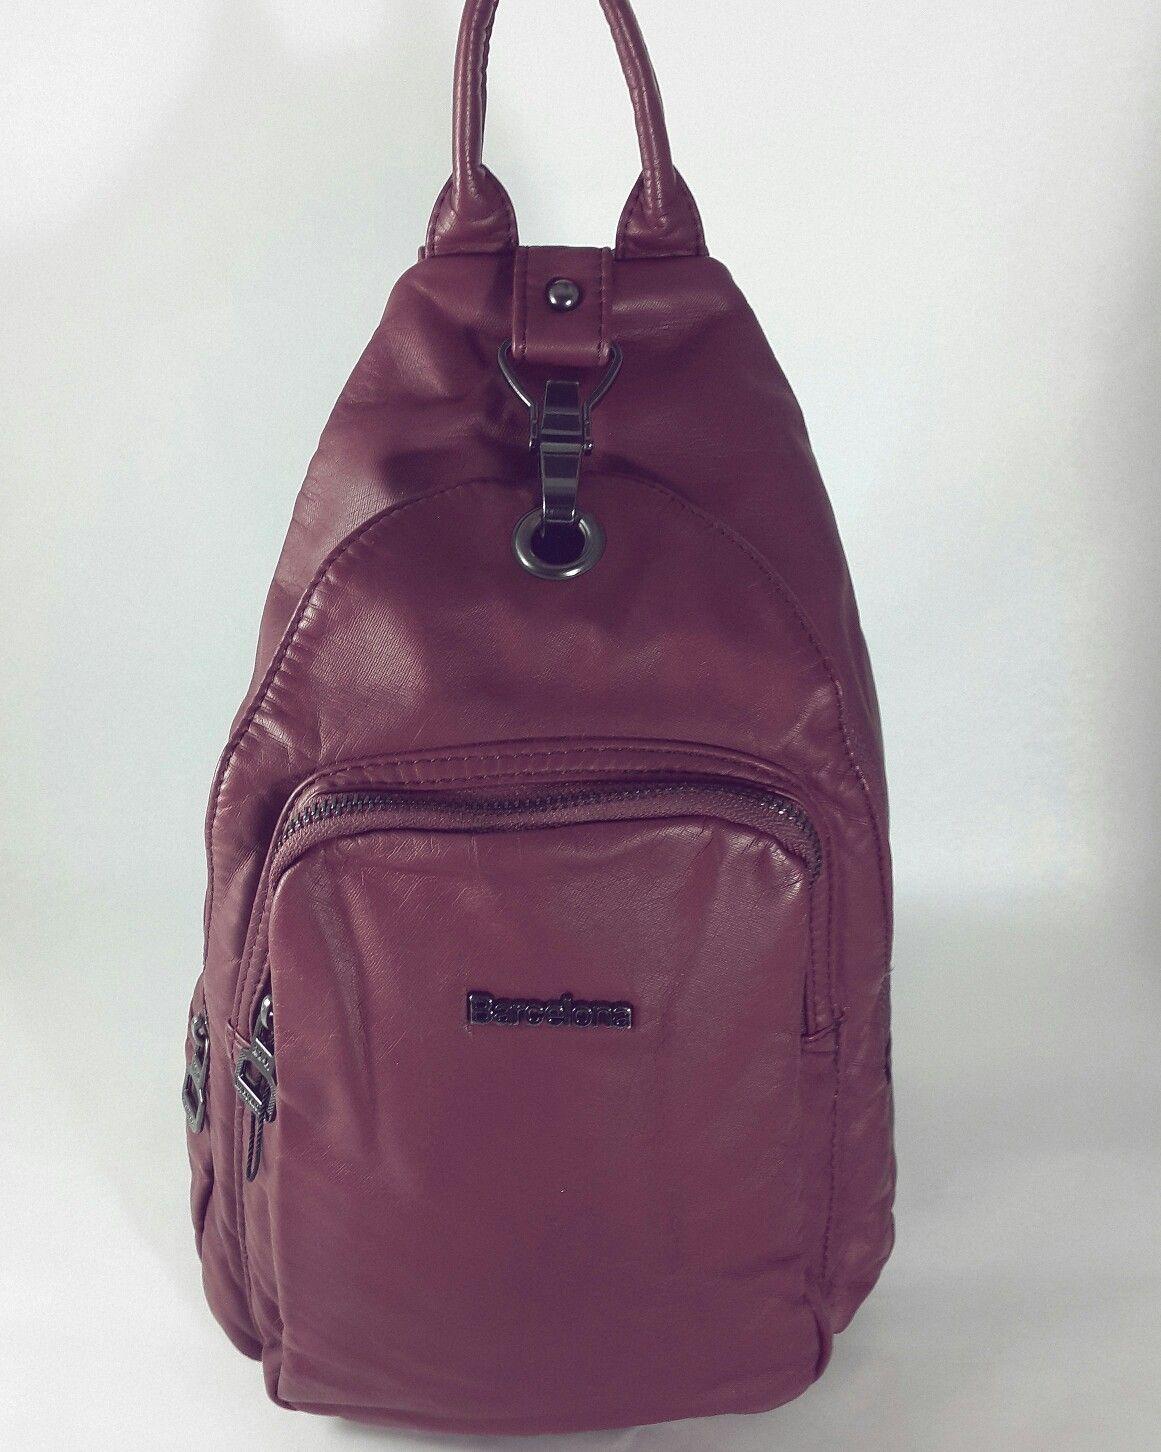 8b08ee88c5bfe Yıkanmış deri Küçük boy bordo renk sırt çantası Yeni Kundura'da.  #sirtcantasi #dericanta #bordo